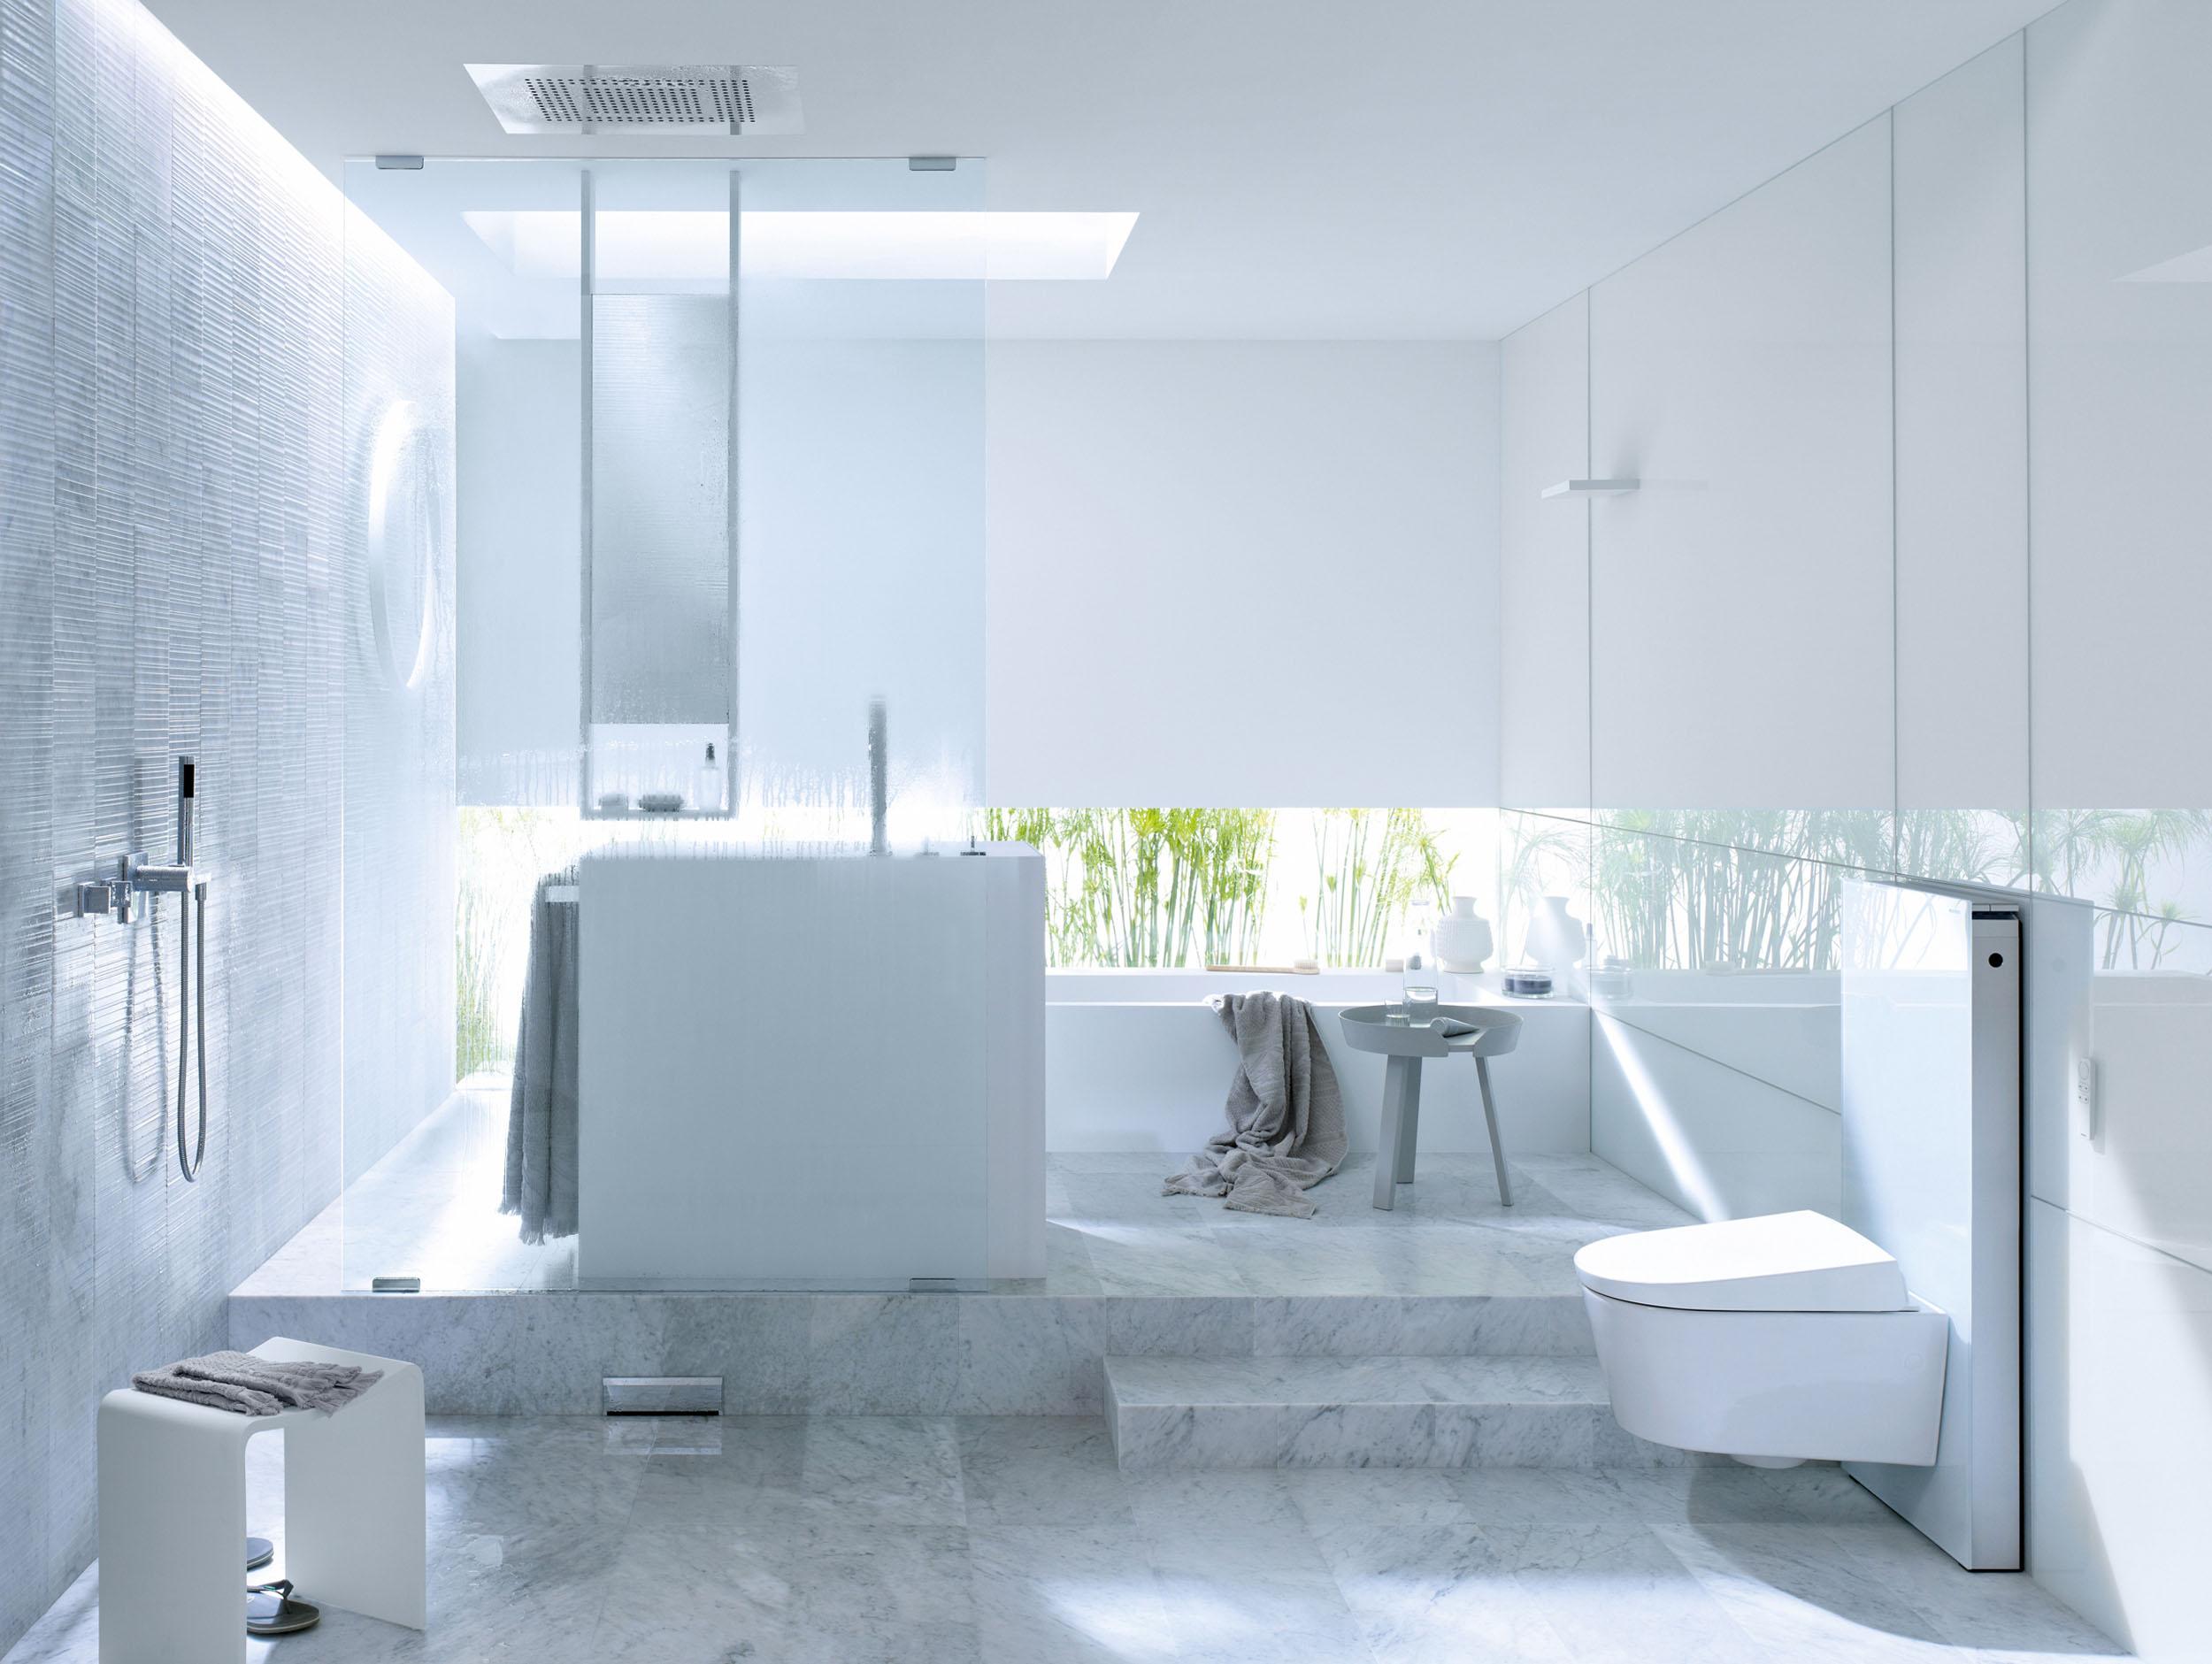 l 39 importanza dell 39 acqua livingcorriere. Black Bedroom Furniture Sets. Home Design Ideas